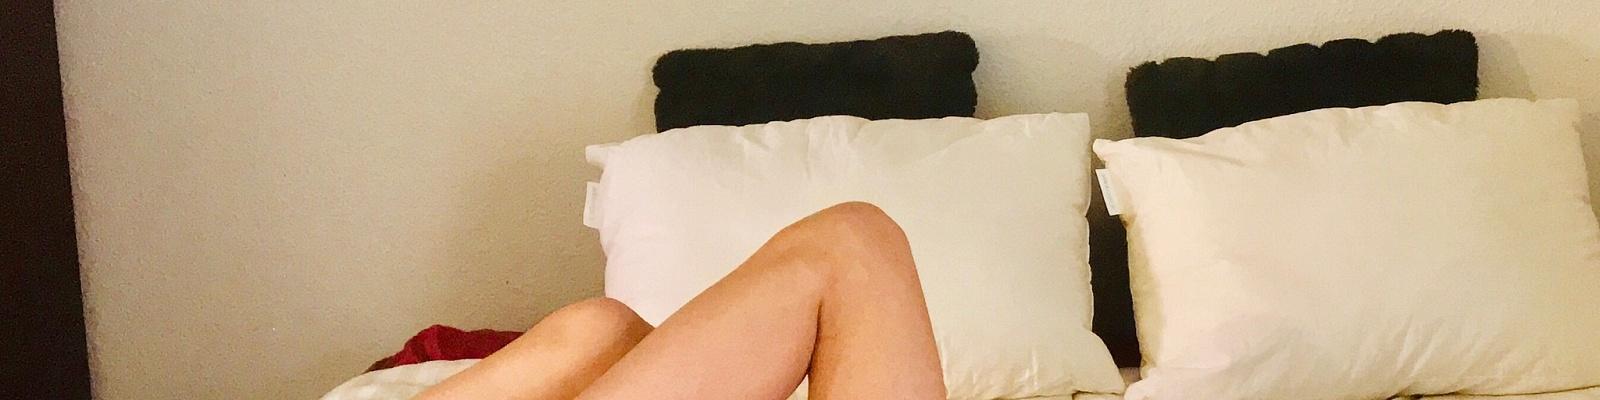 Vanity's Cover Photo